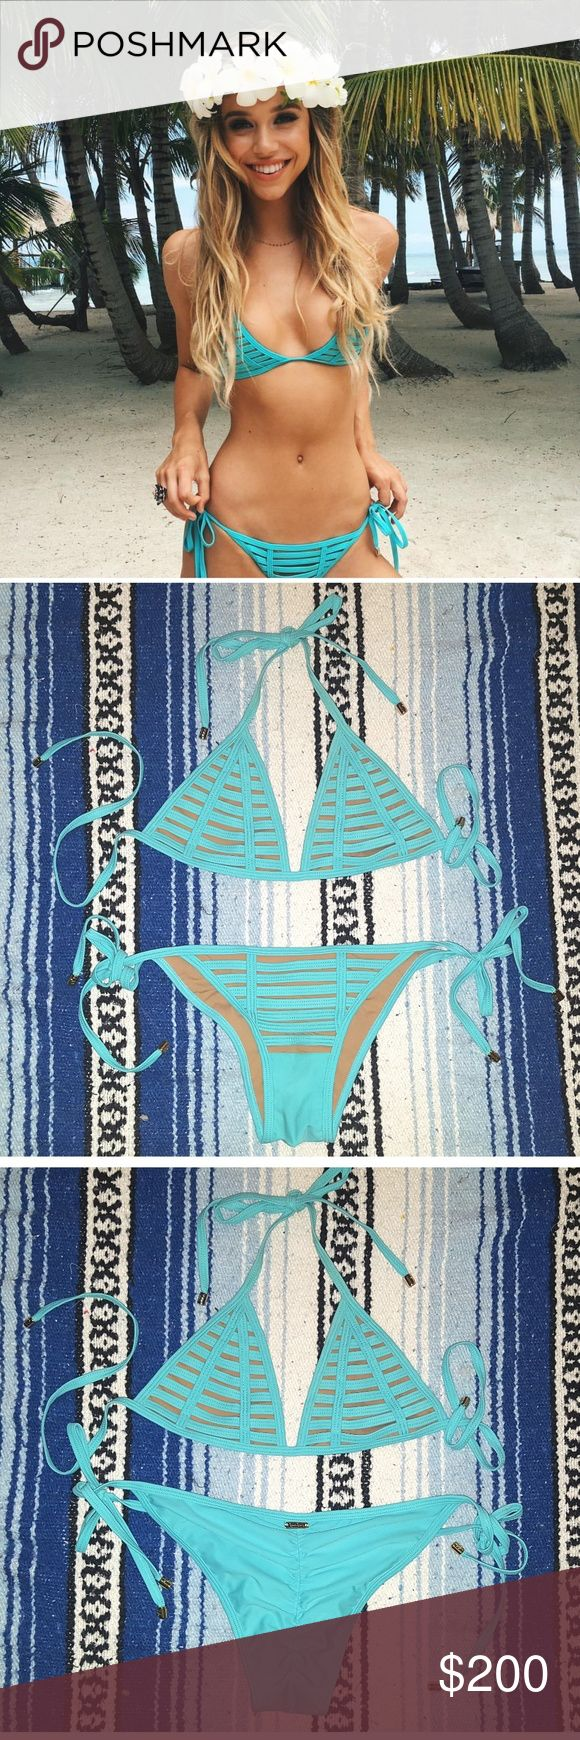 Beach Bunny Swimwear bikini Aqua color Strappy bikini, skimpy bottoms.  Brand new without tags. Listing is for both pieces. Beach Bunny Swim